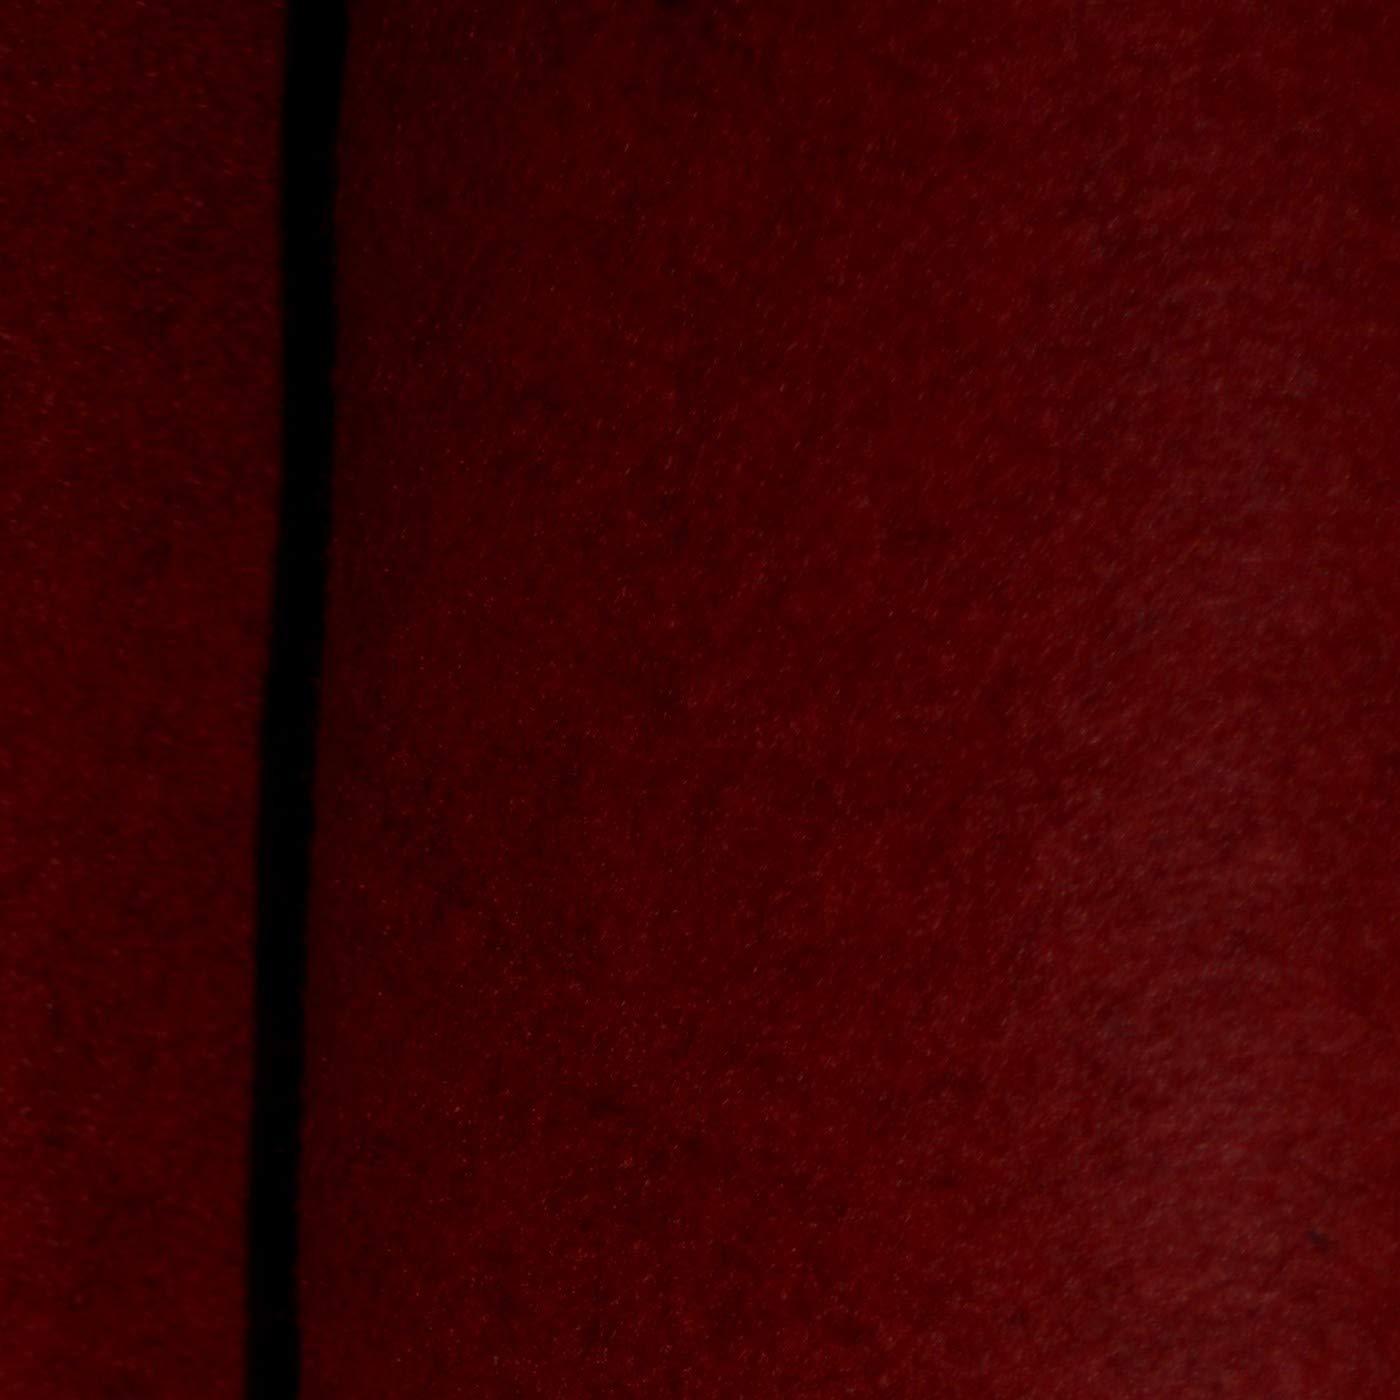 16ft /Échelle T/élescopique Portable Aluminium Extension T/élescopique Haute Multi Purpose ,Certifi/é EN131 10.4ft Capacit/é De 330 Lb taille : 3.2m ZHIRONG 5.5ft